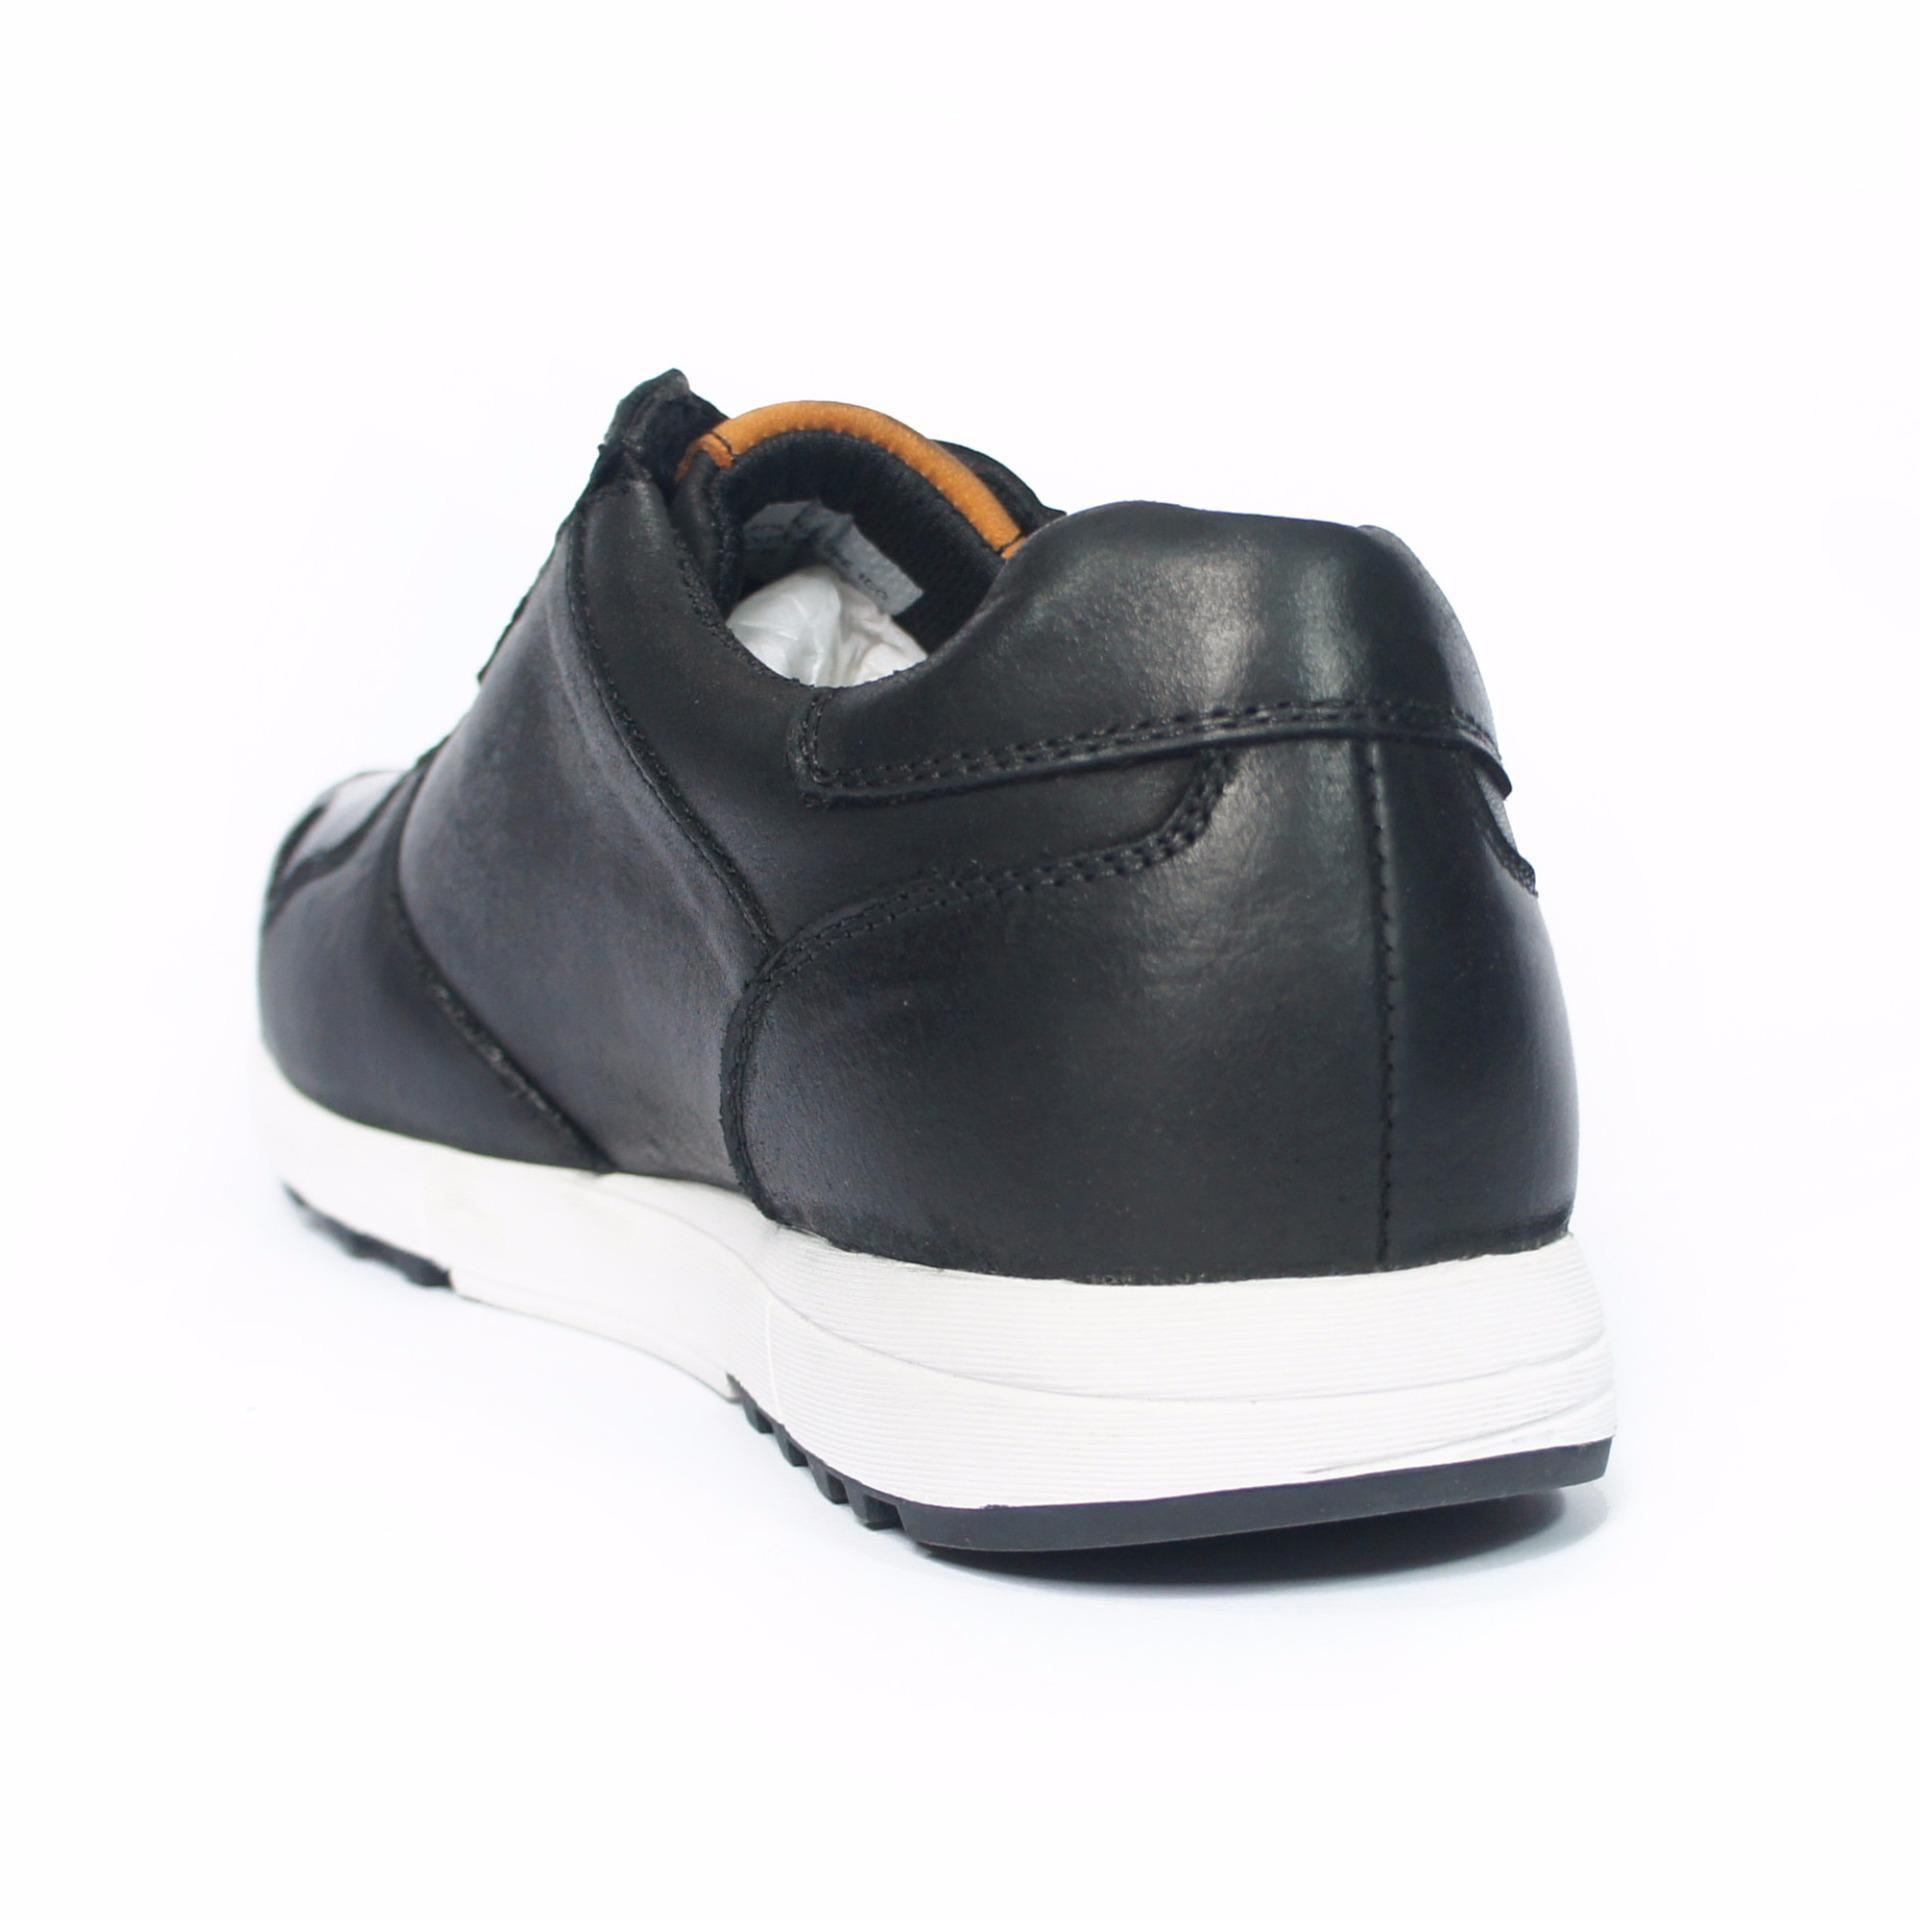 Jim Joker Luke 1cg Coffee Daftar Harga Terkini Dan Terlengkap Sepatu Casual Haper 72 Black